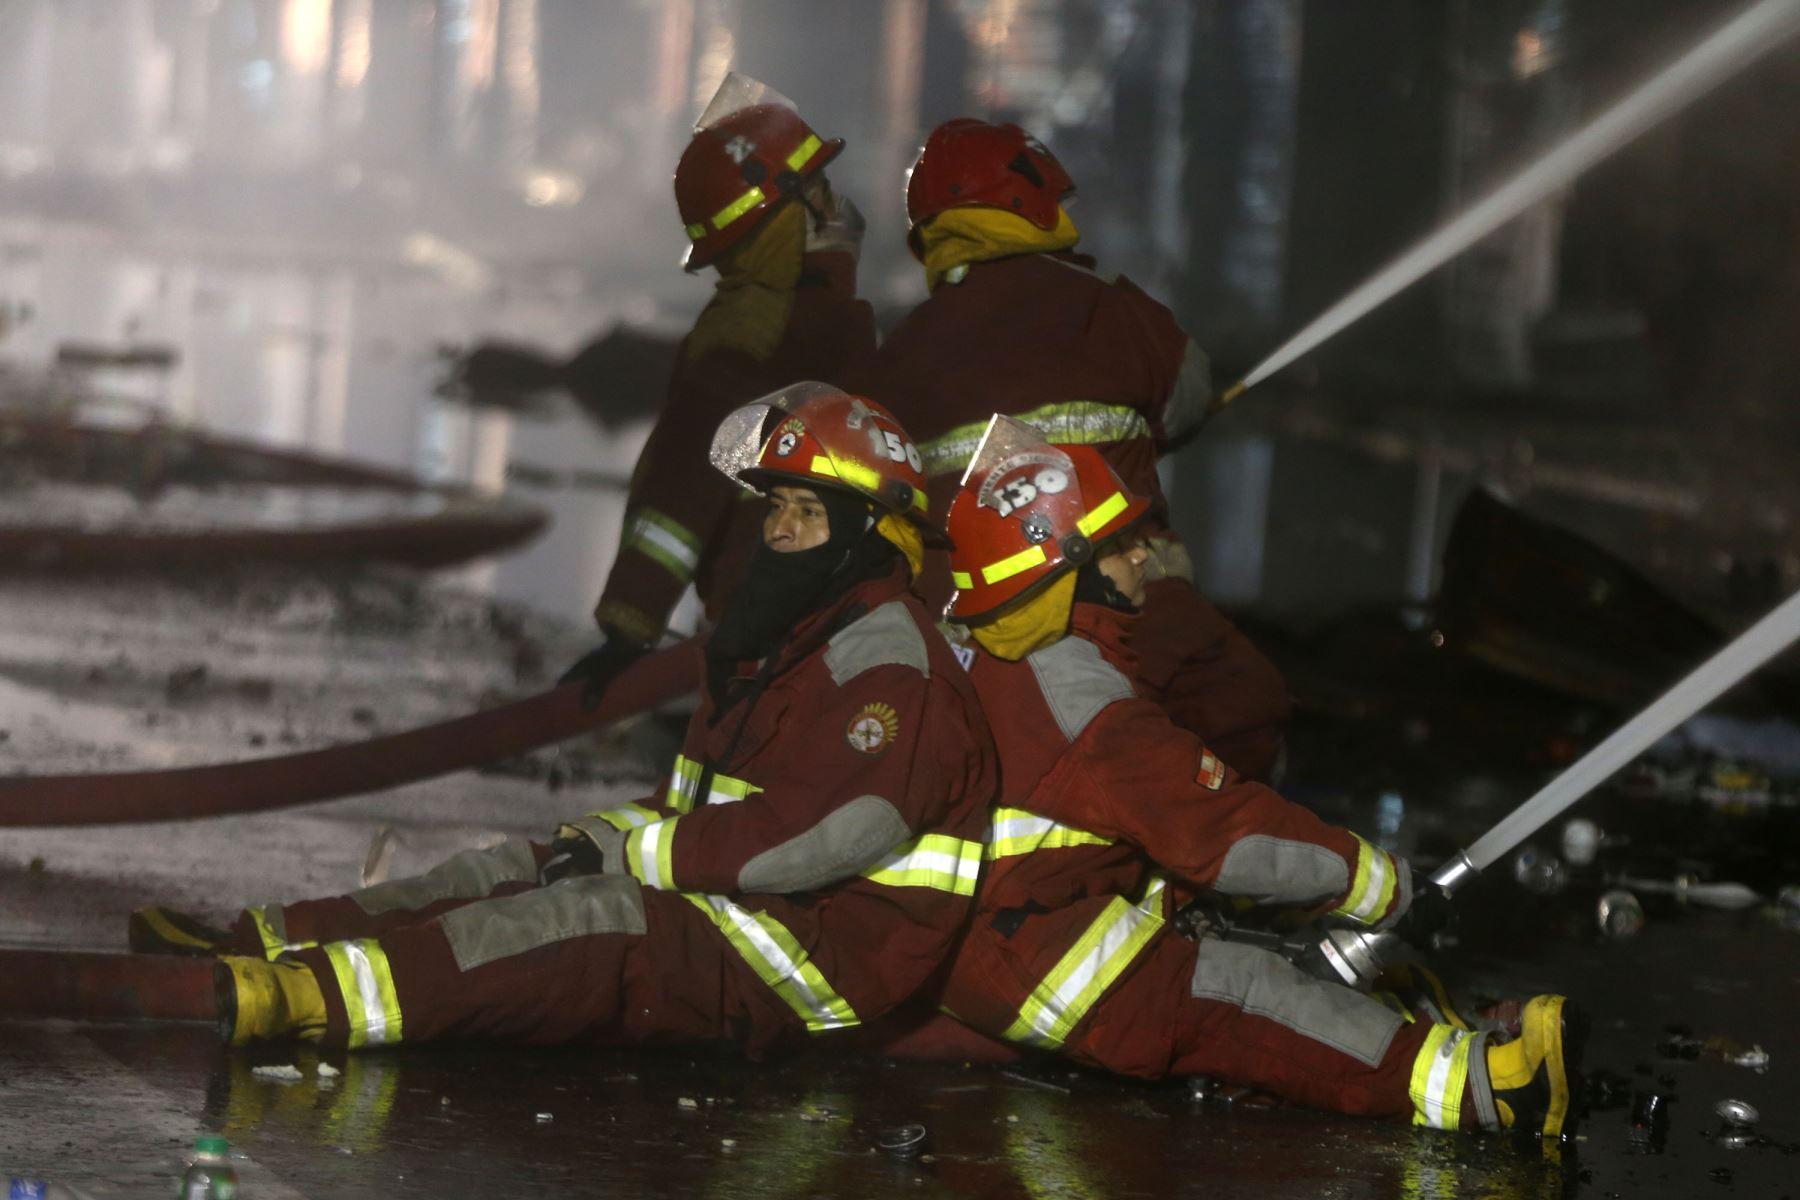 LIMA-PERÚ, JUNIO 24.Bomberos continúan luchando por controlar el incendio en galería Nicolini en las Malvinas, apesar del cansancio y las horas de trabajo.    Foto: ANDINA/Vidal Tarqui